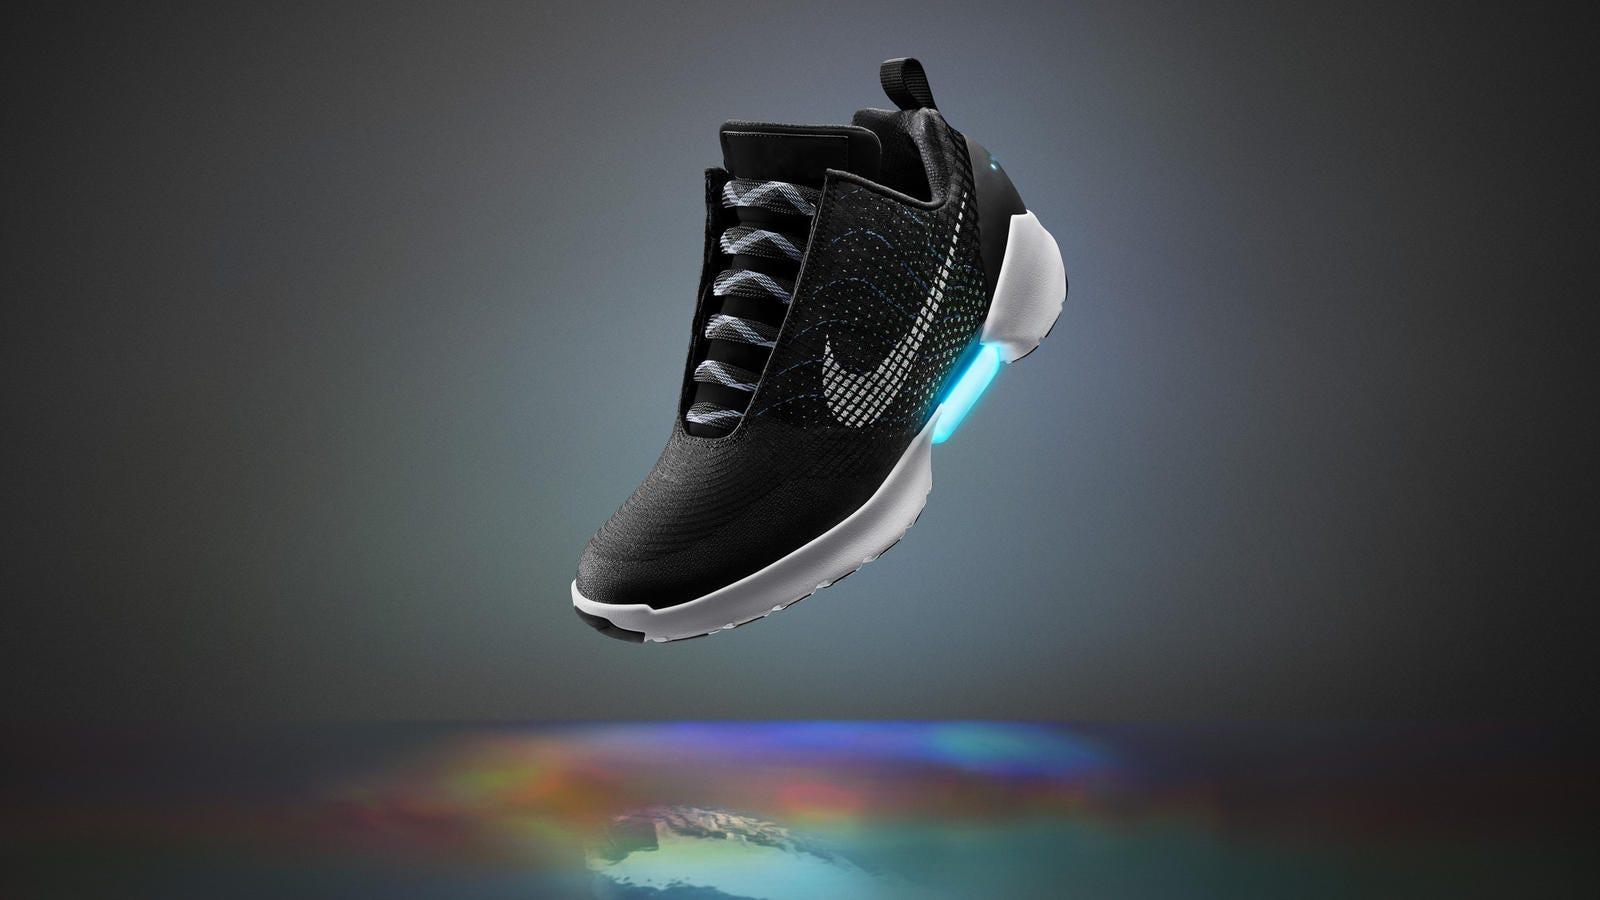 Las zapatillas de Nike que se atan solas se pondrán a la venta el 28 de noviembre